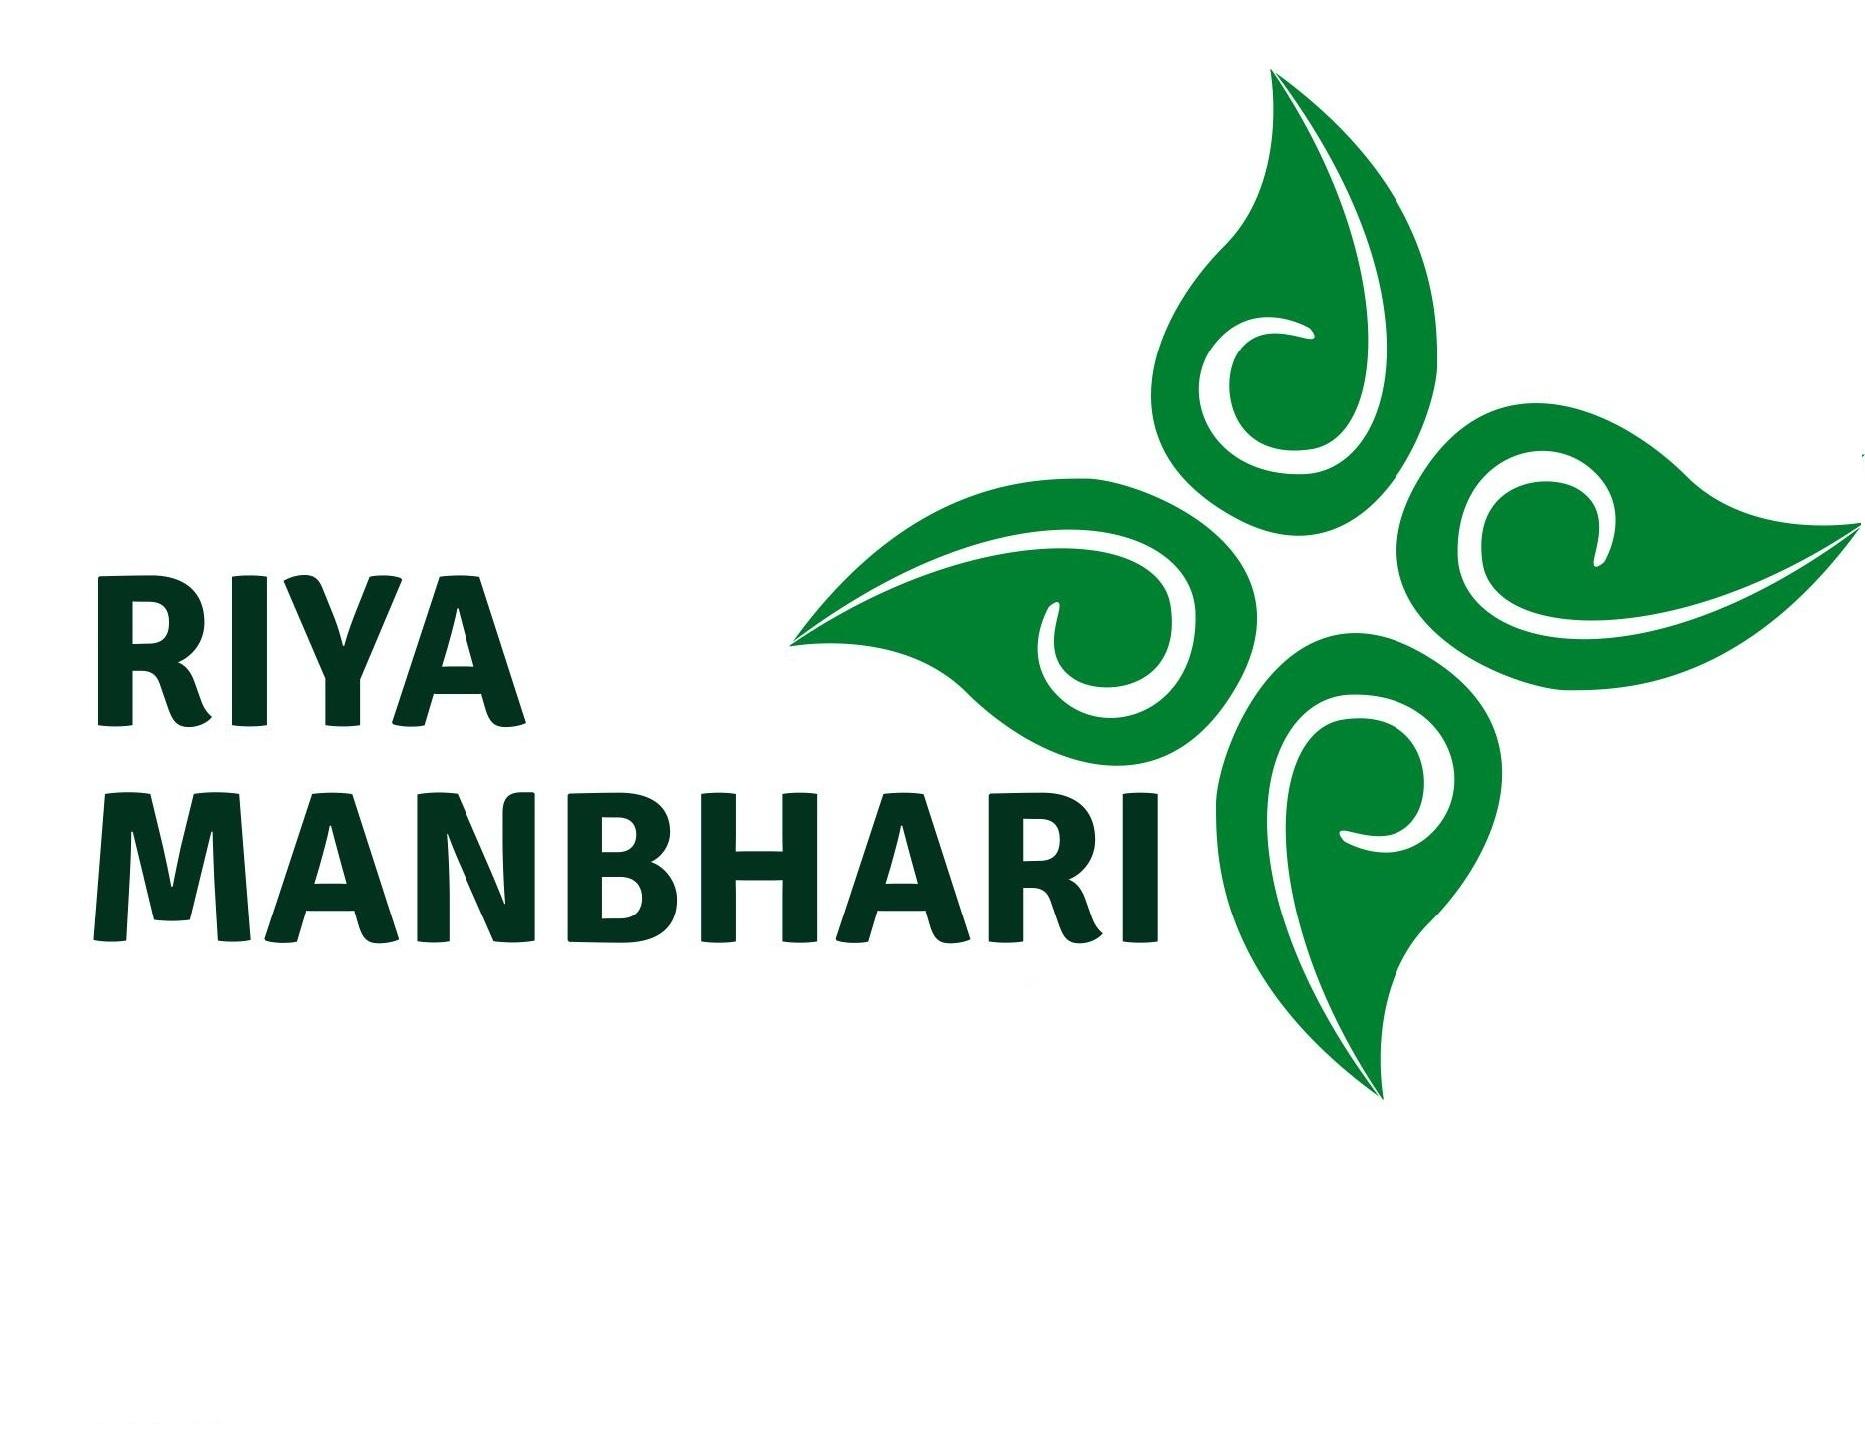 Riya Manbhari